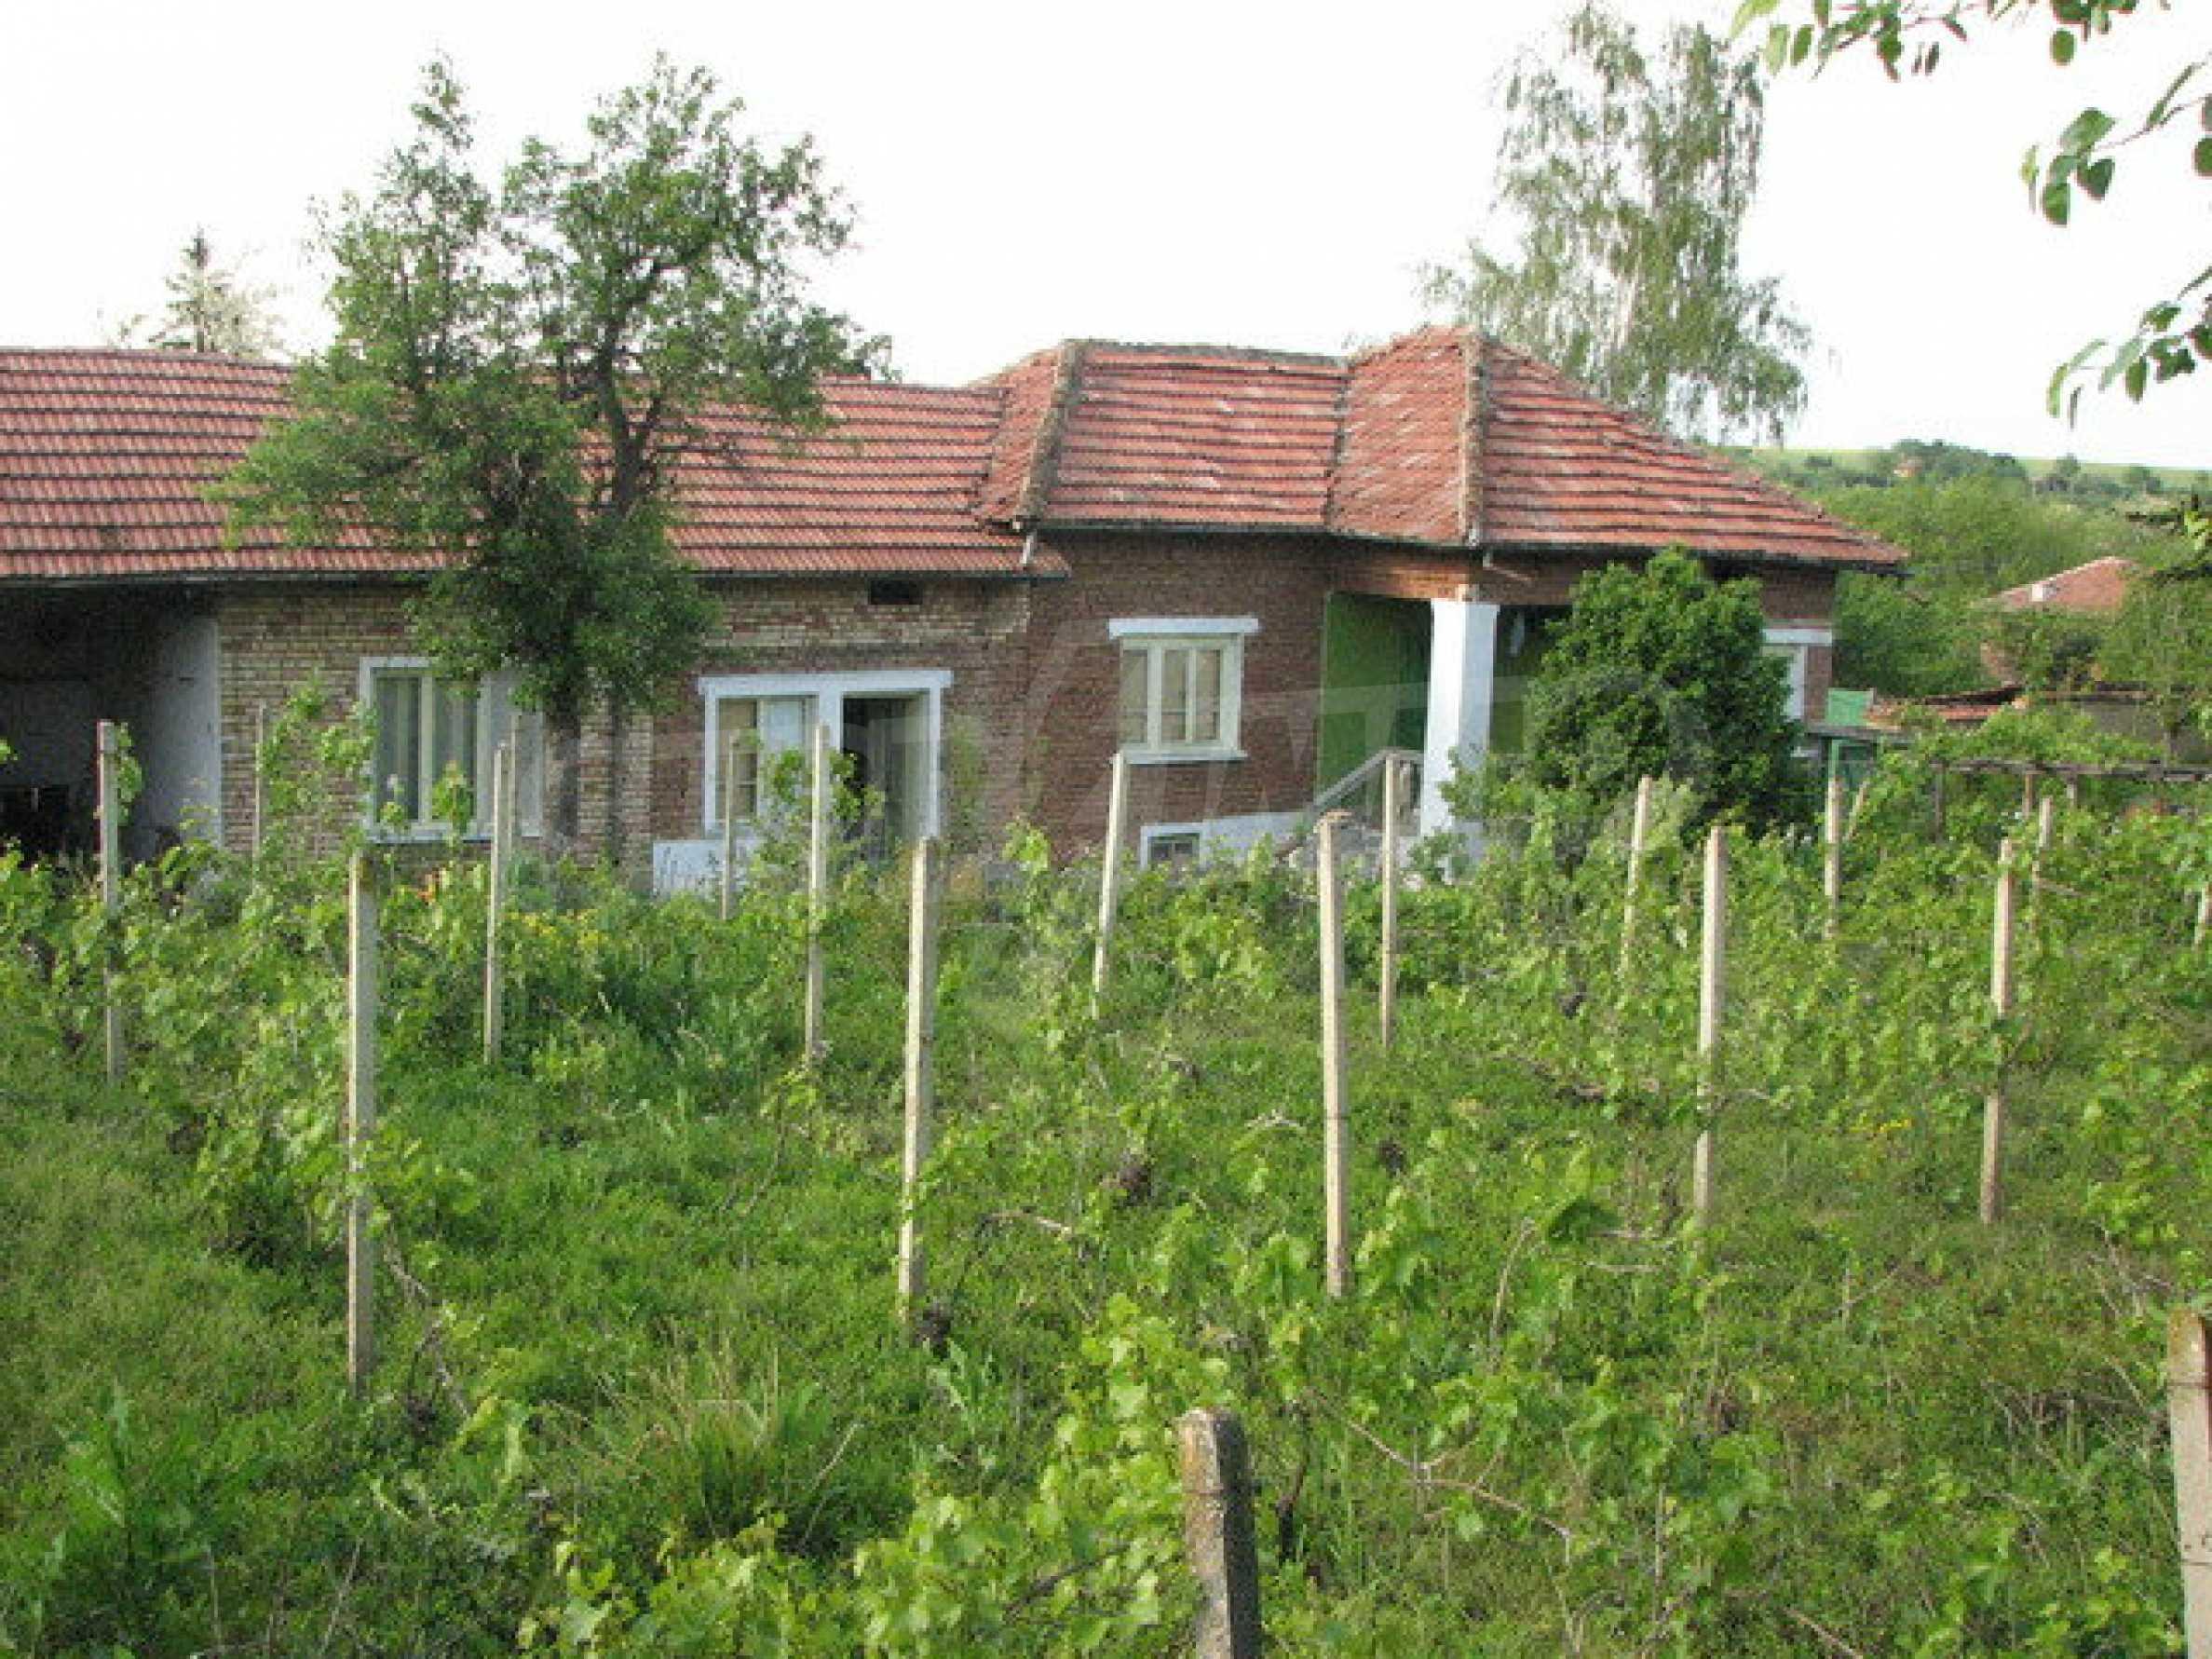 Backsteingebäude mit großem Garten 8